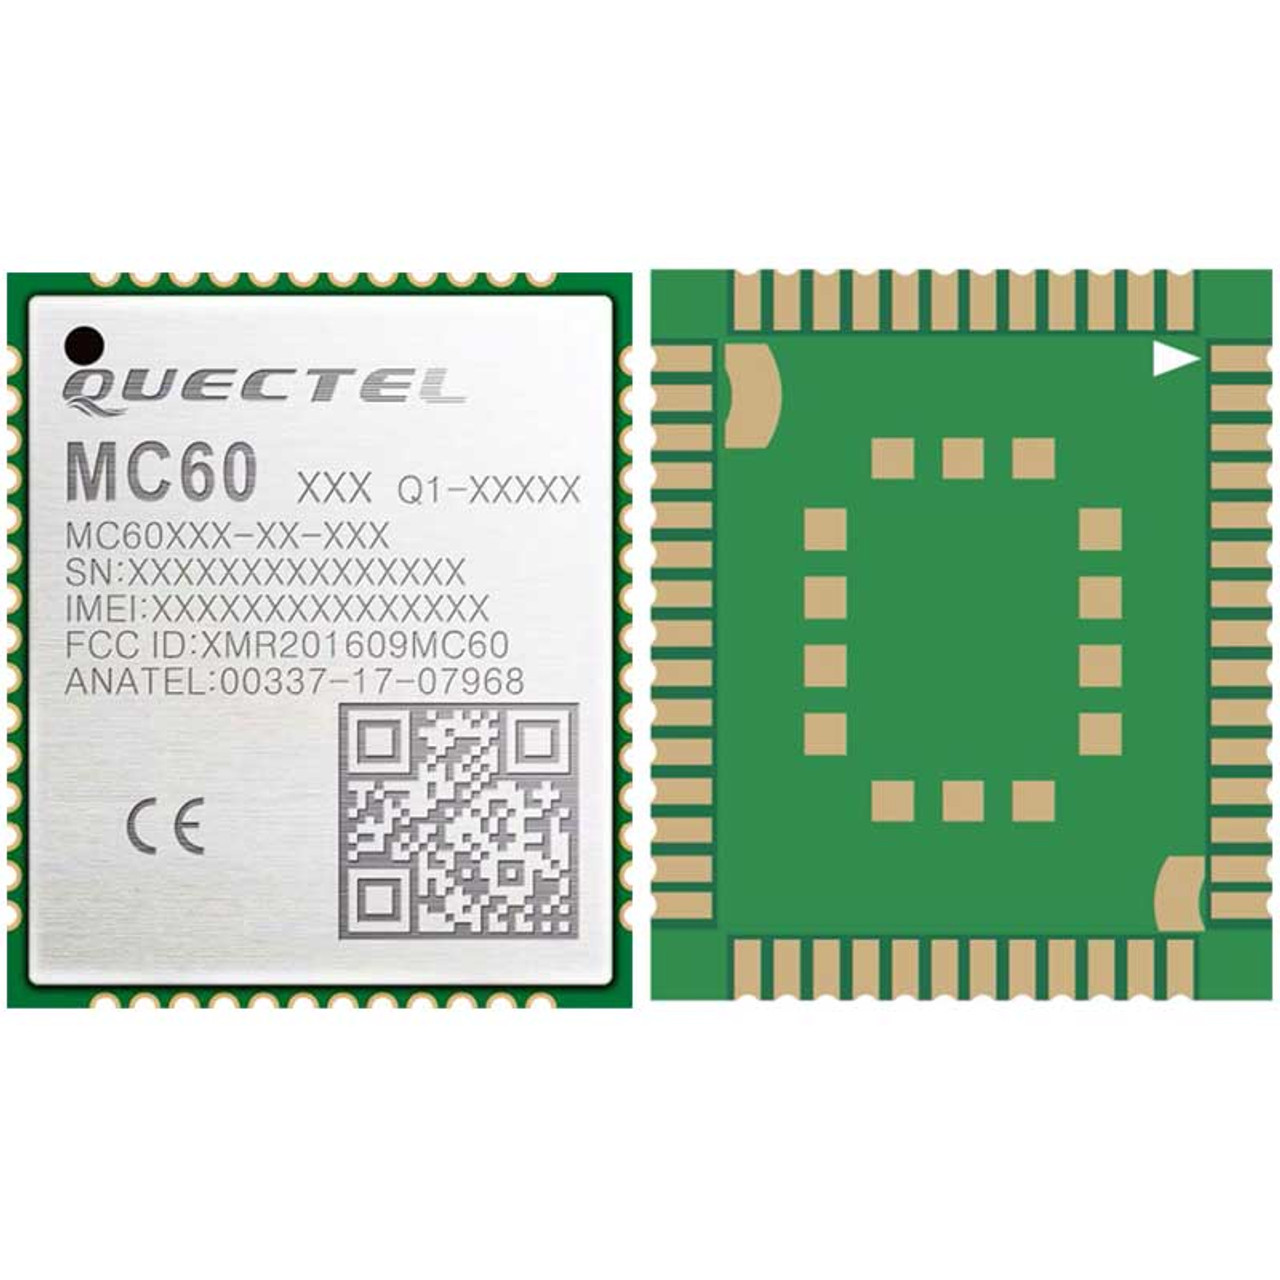 Quectel MC60 GSM/GPRS/GNSS Module, Bluetooth BT3 0